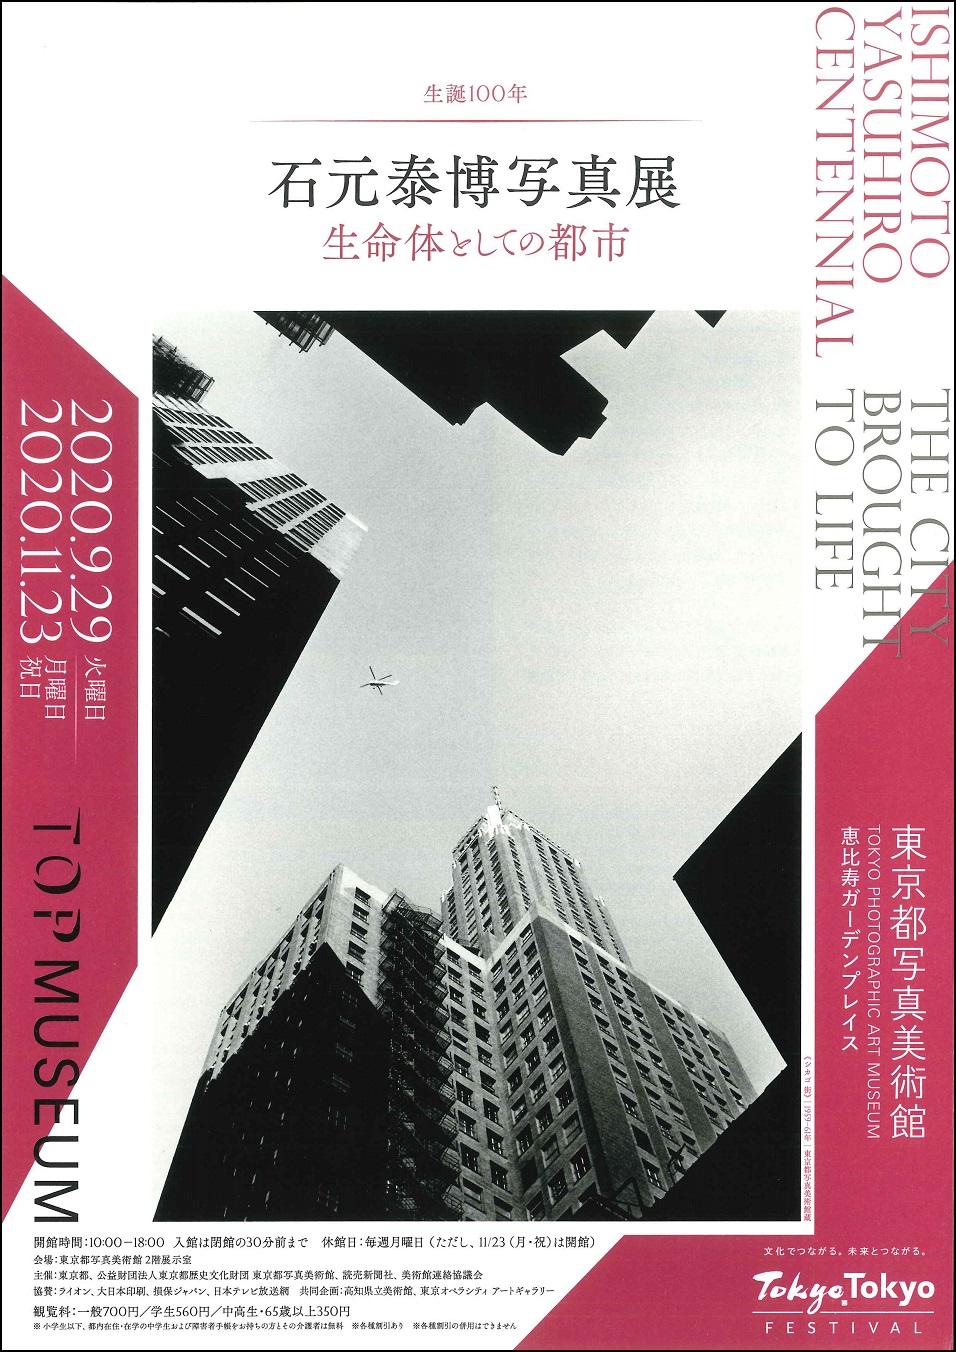 生誕100年 石元泰博写真展<br>生命体としての都市<br>(東京都写真美術館)